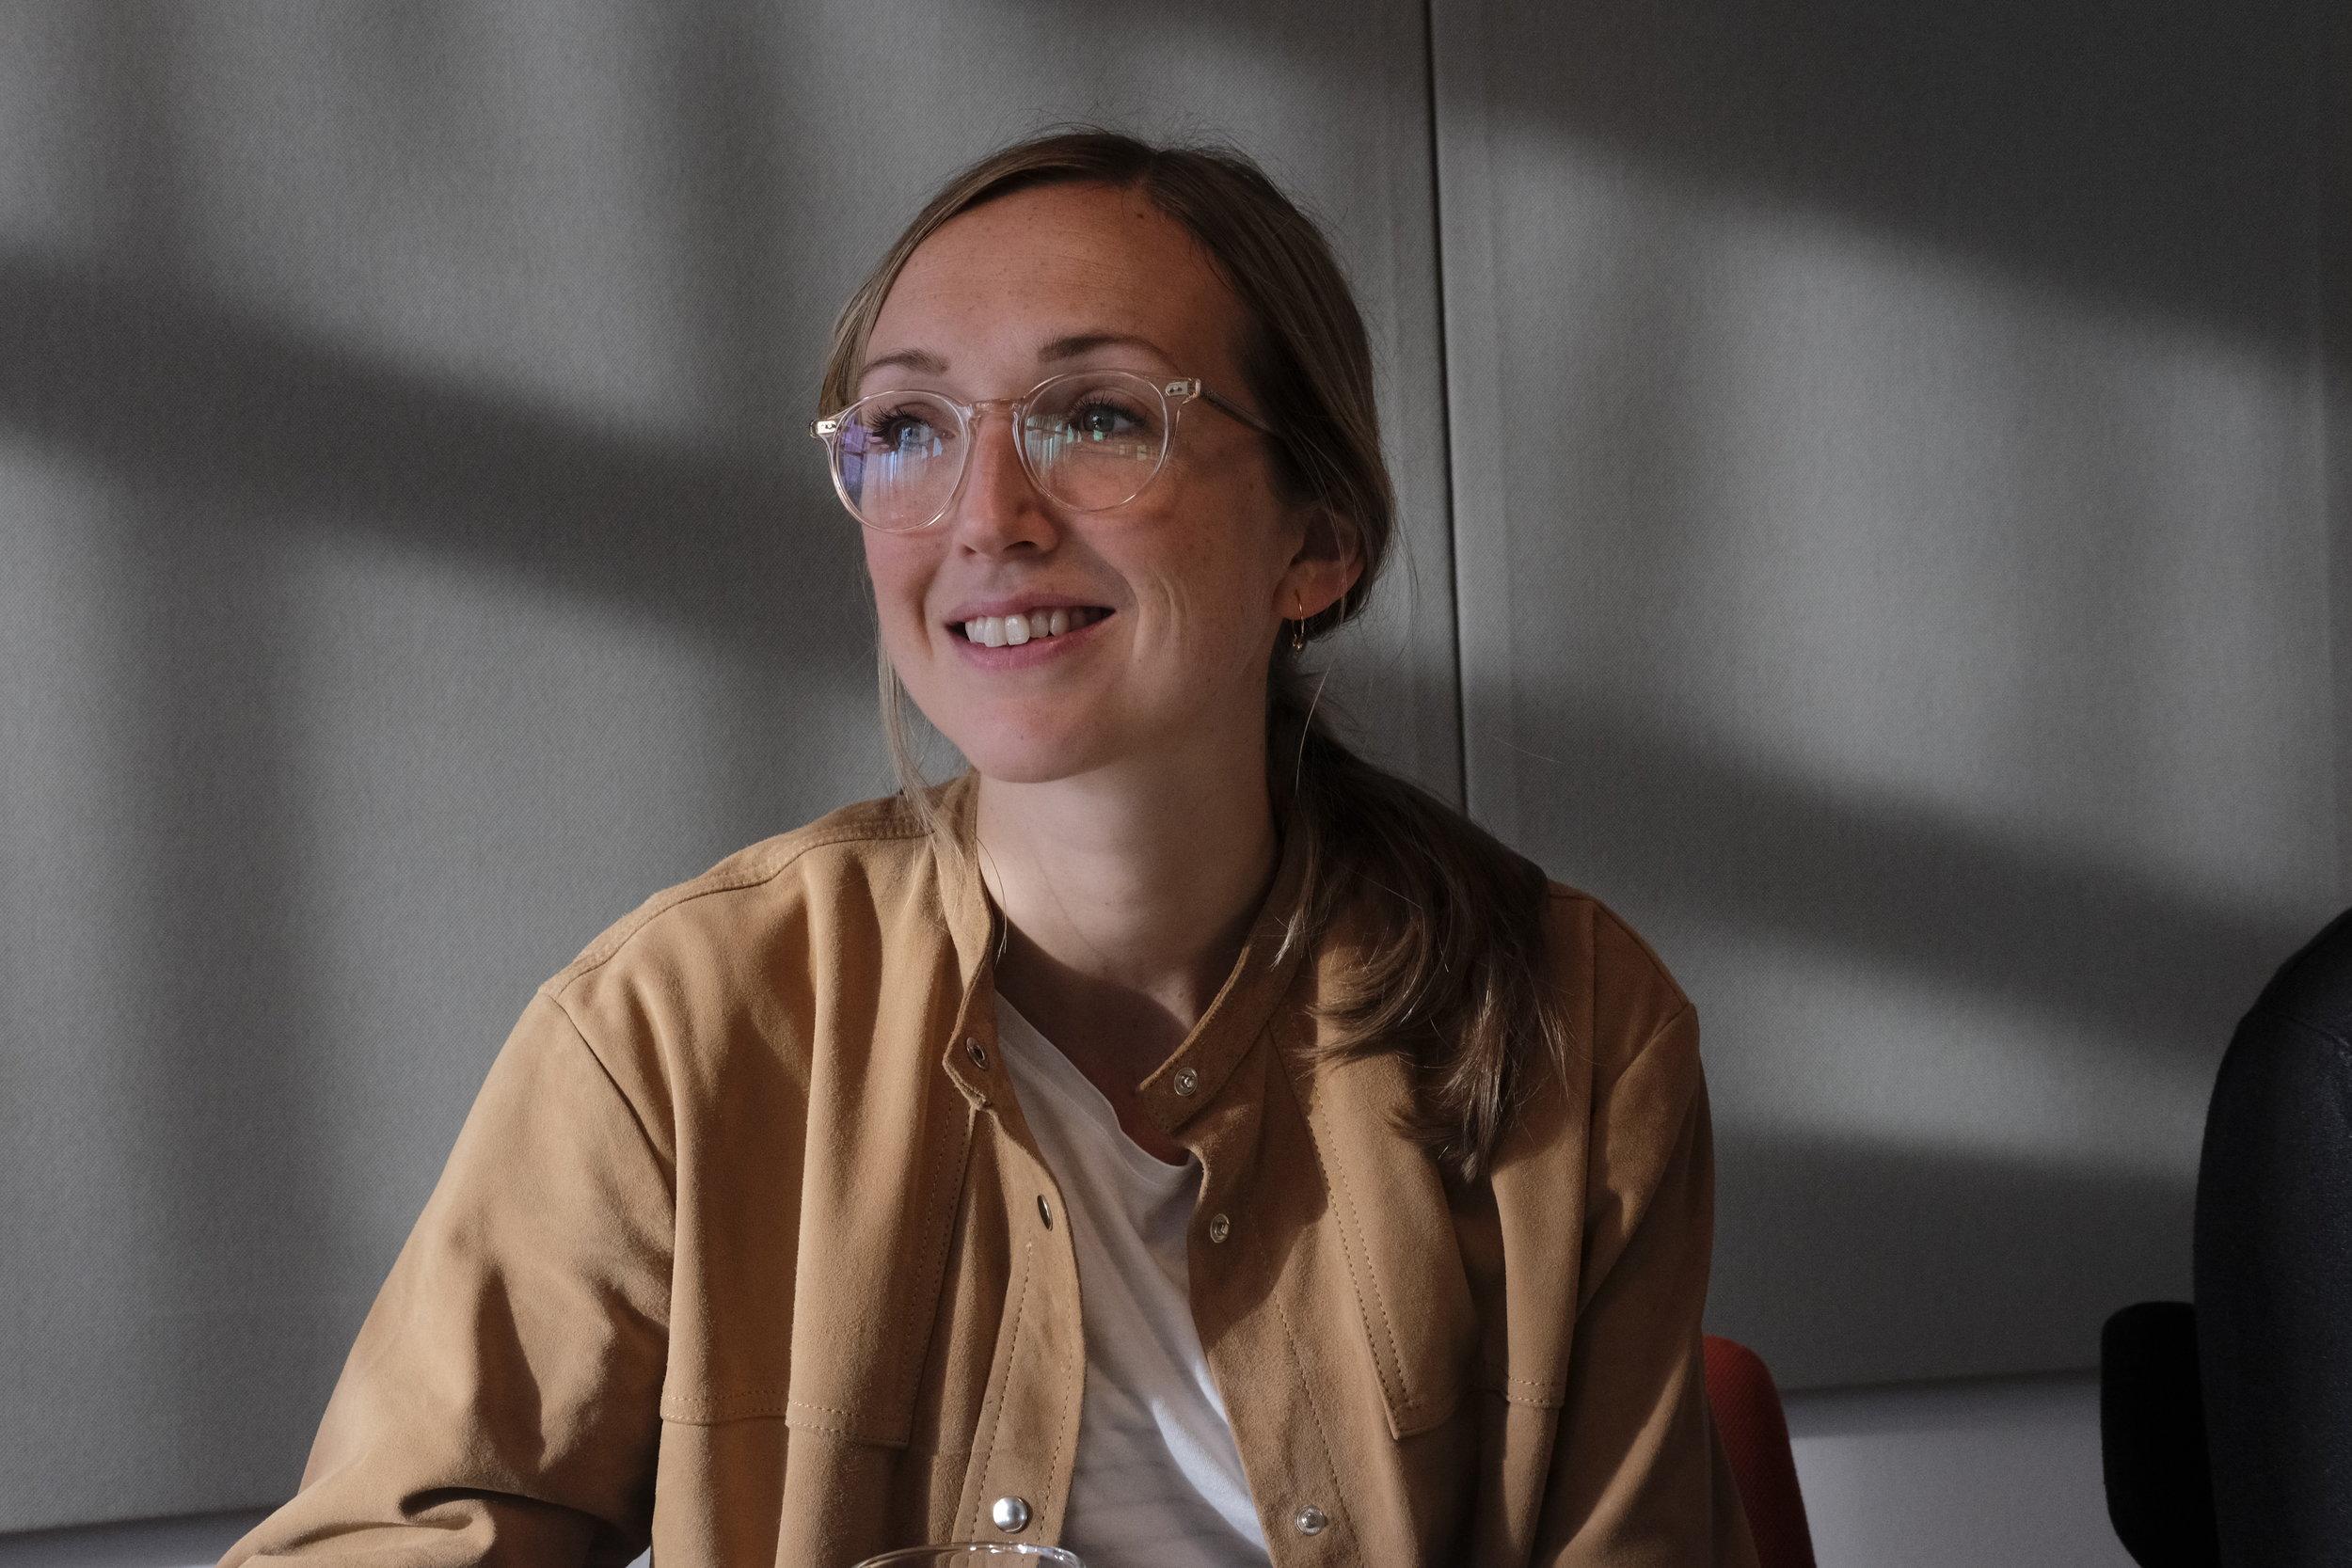 Liv Inger Gabrielsen - L.L.M (Master of Laws)